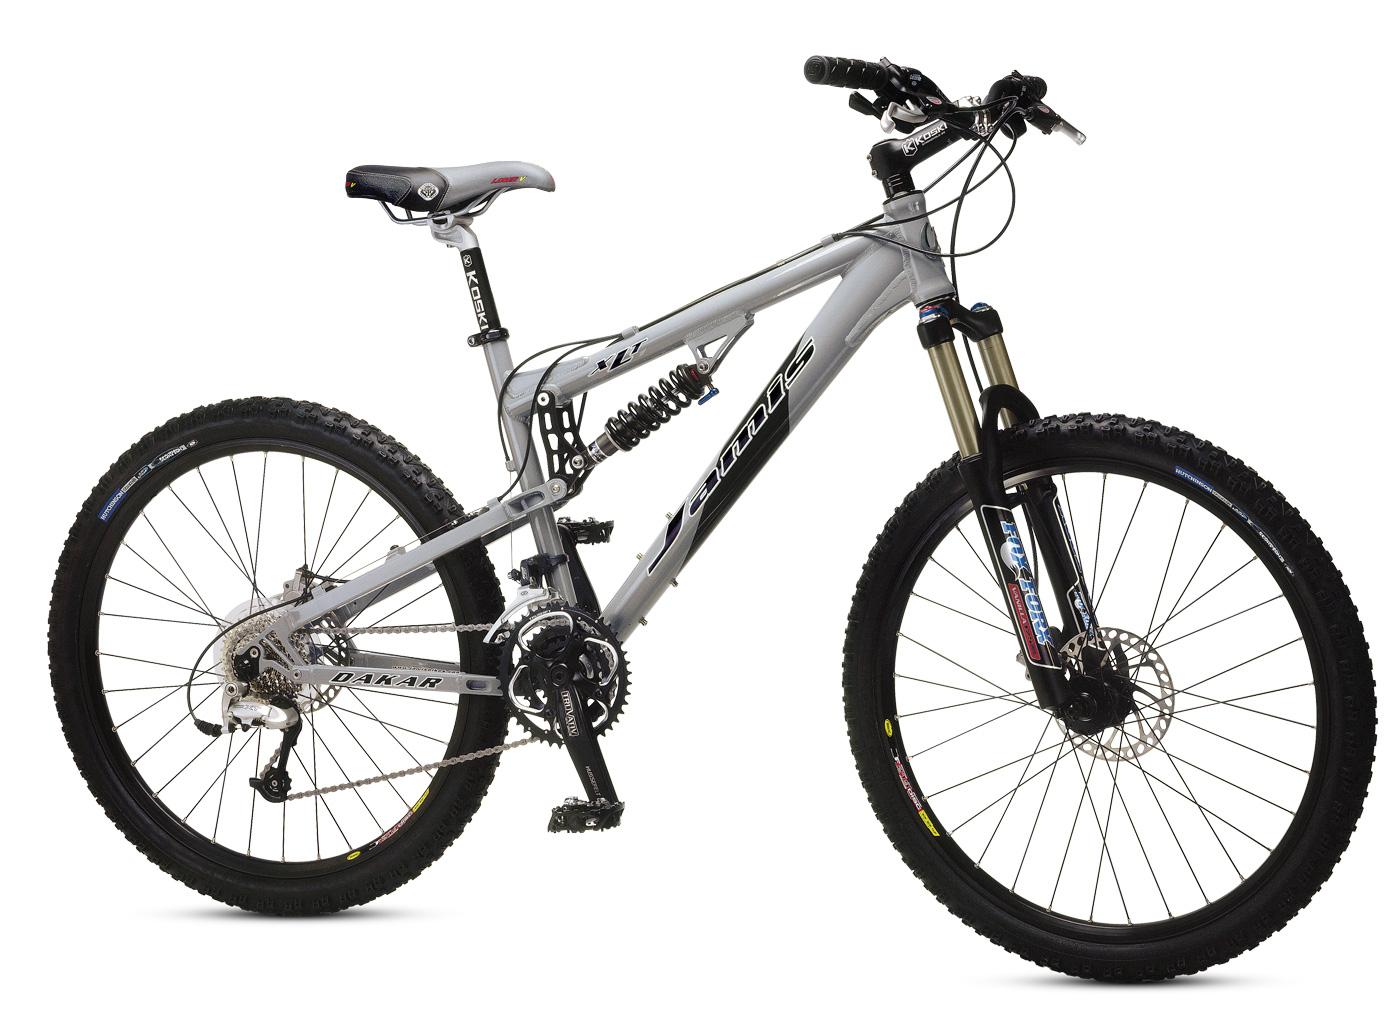 2003 Jamis® Dakar® XLT